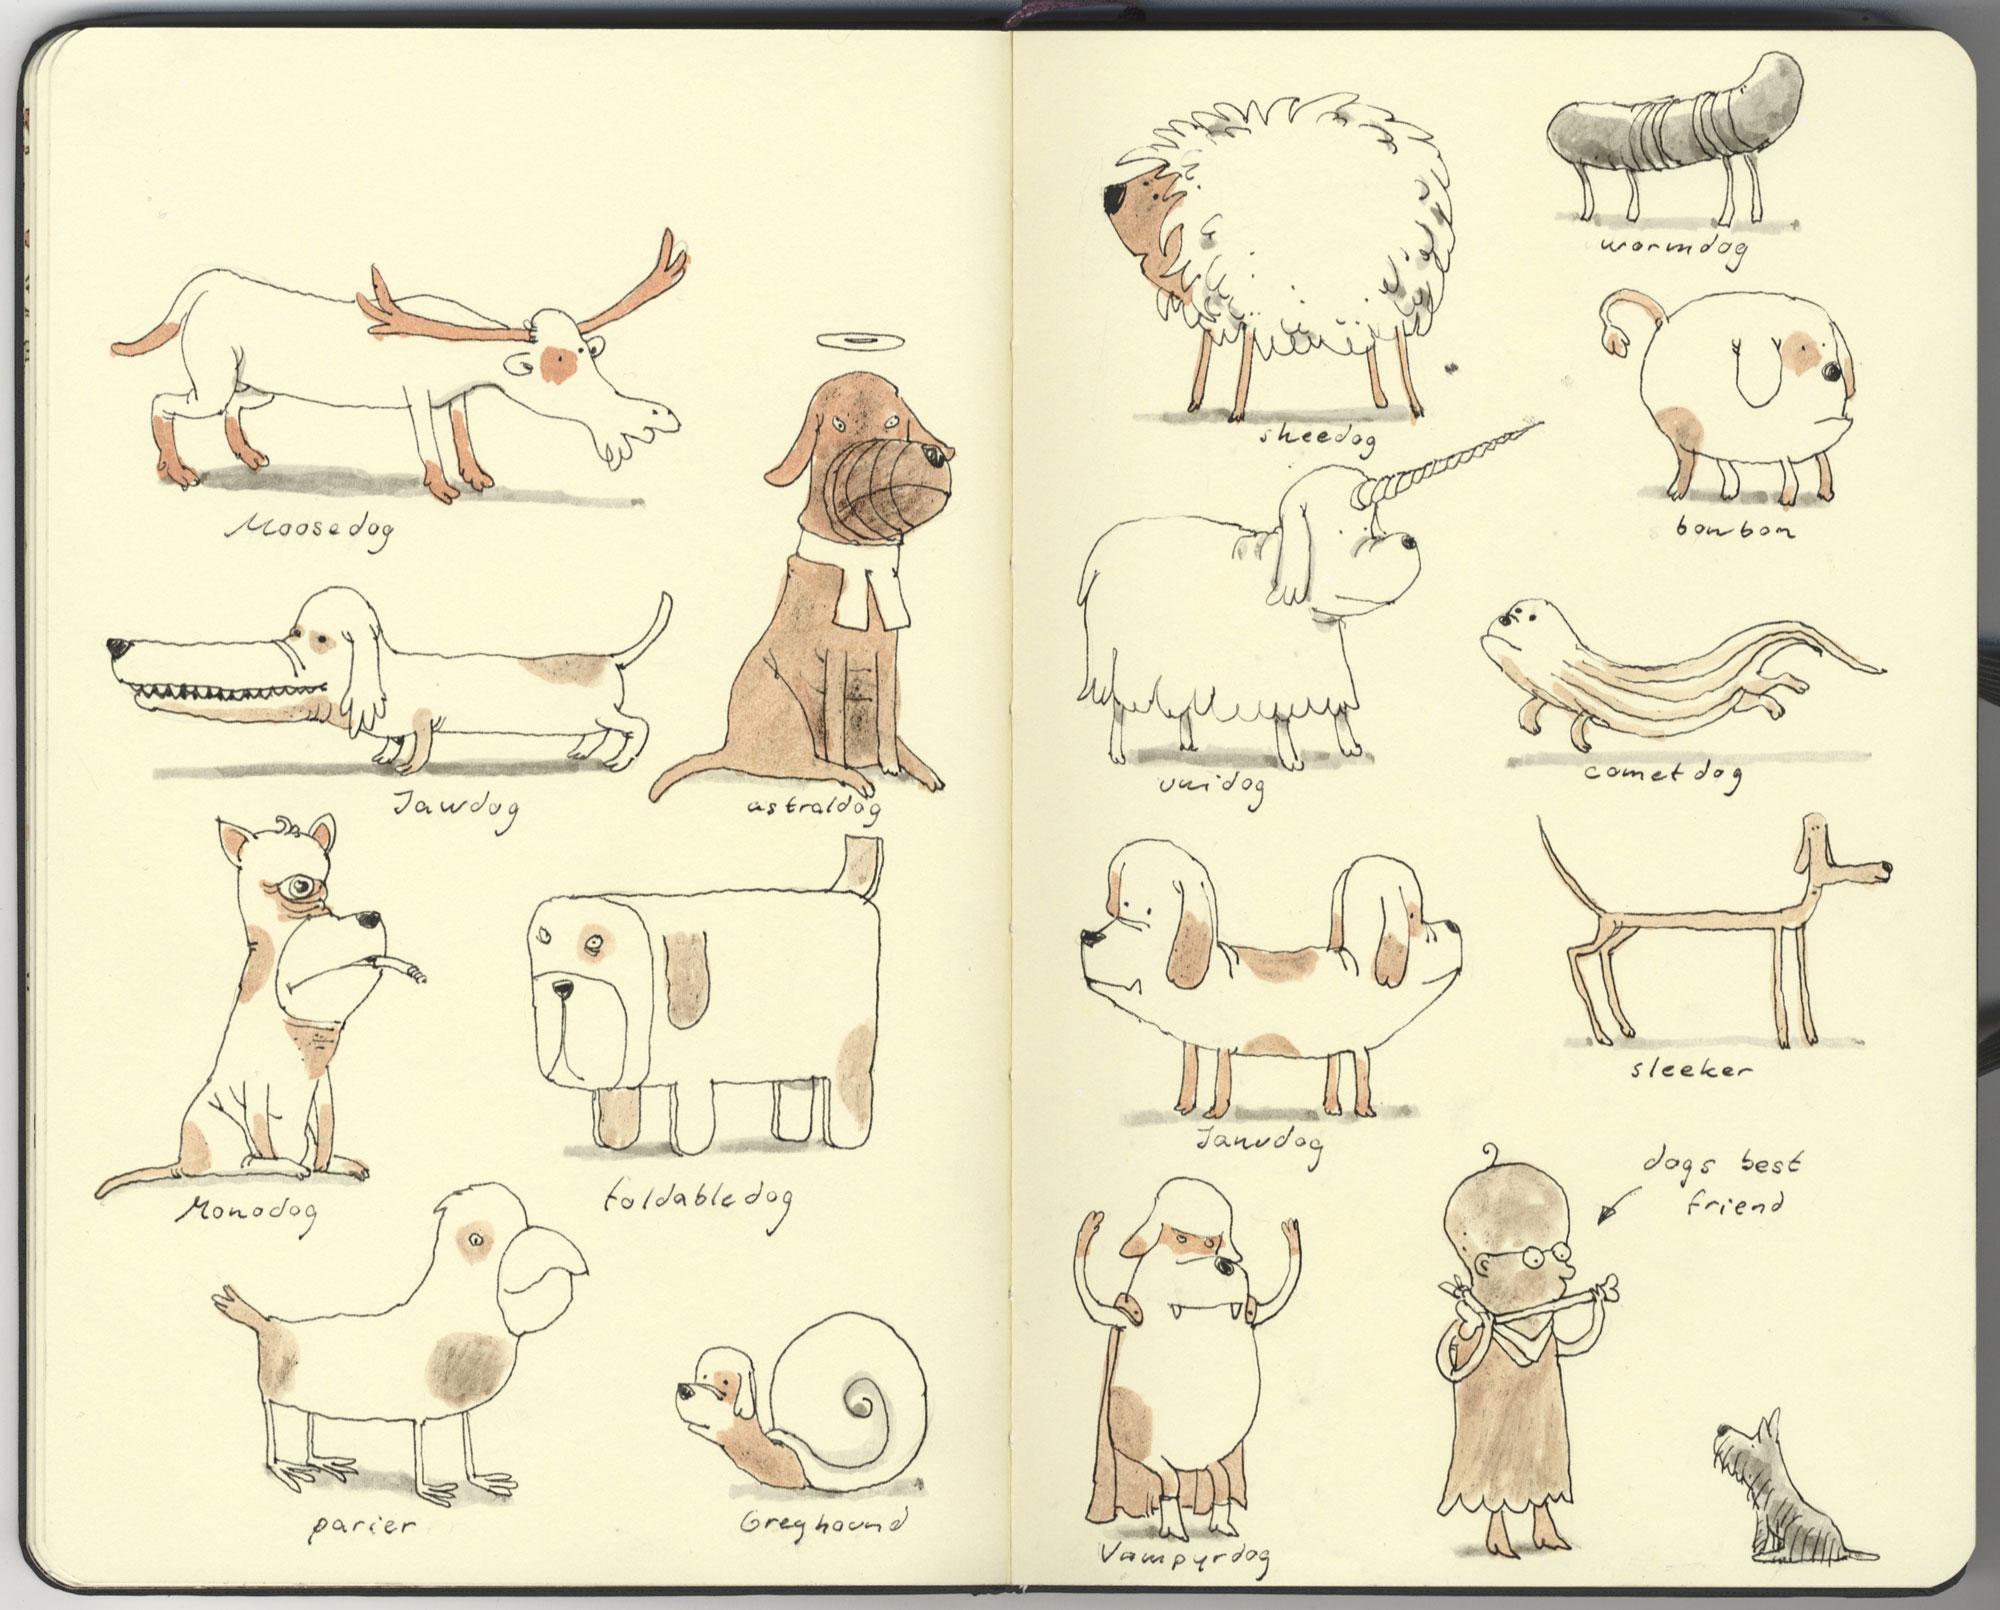 I wanna be your dog by MattiasA